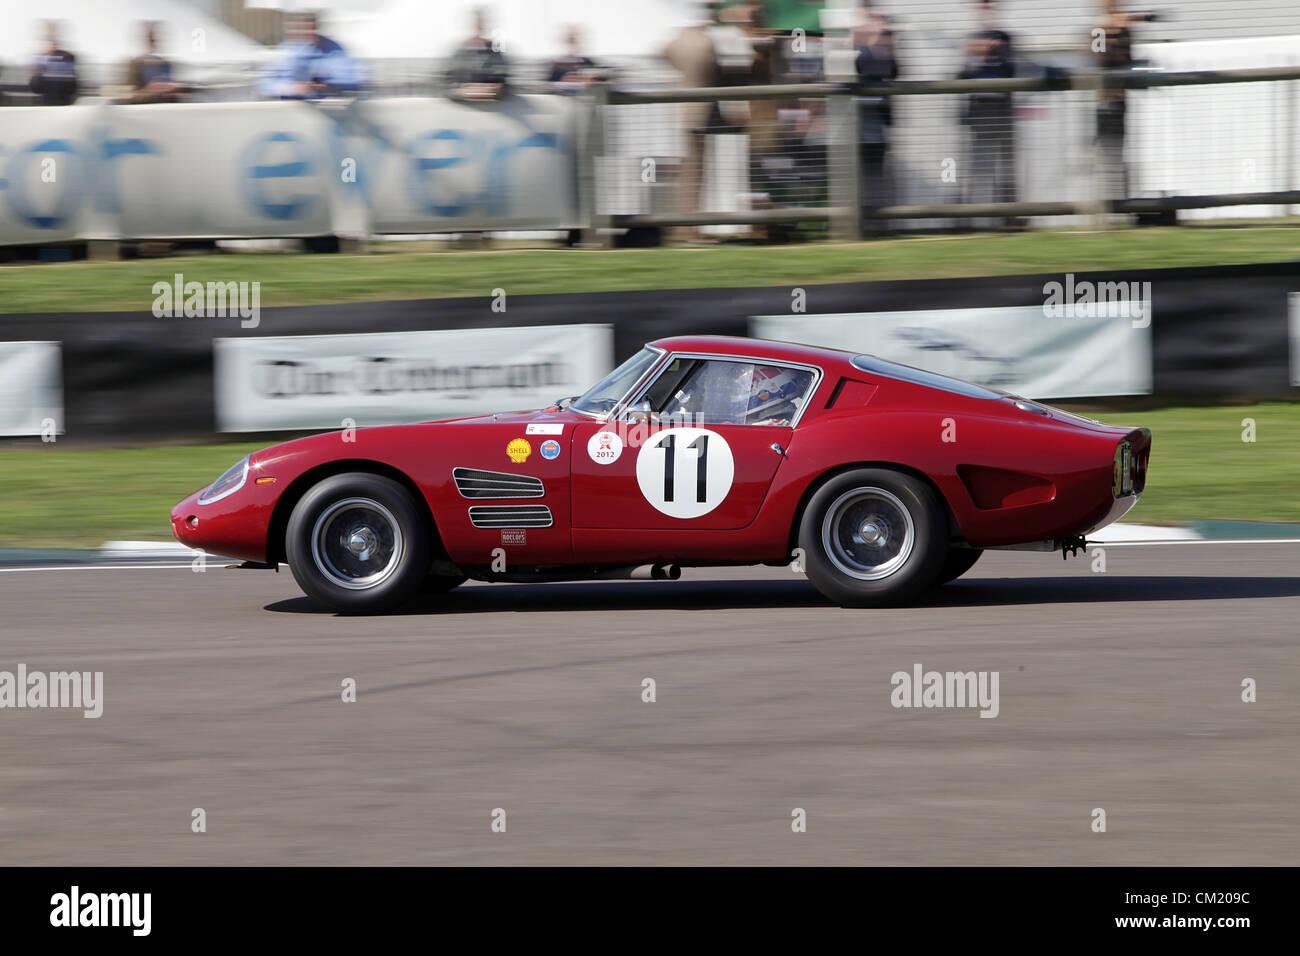 Goodwood Estate, Chichester, UK. 15th September 2012. Red Ferrari 250 Drogo driven during the RAC TT Celebration. - Stock Image